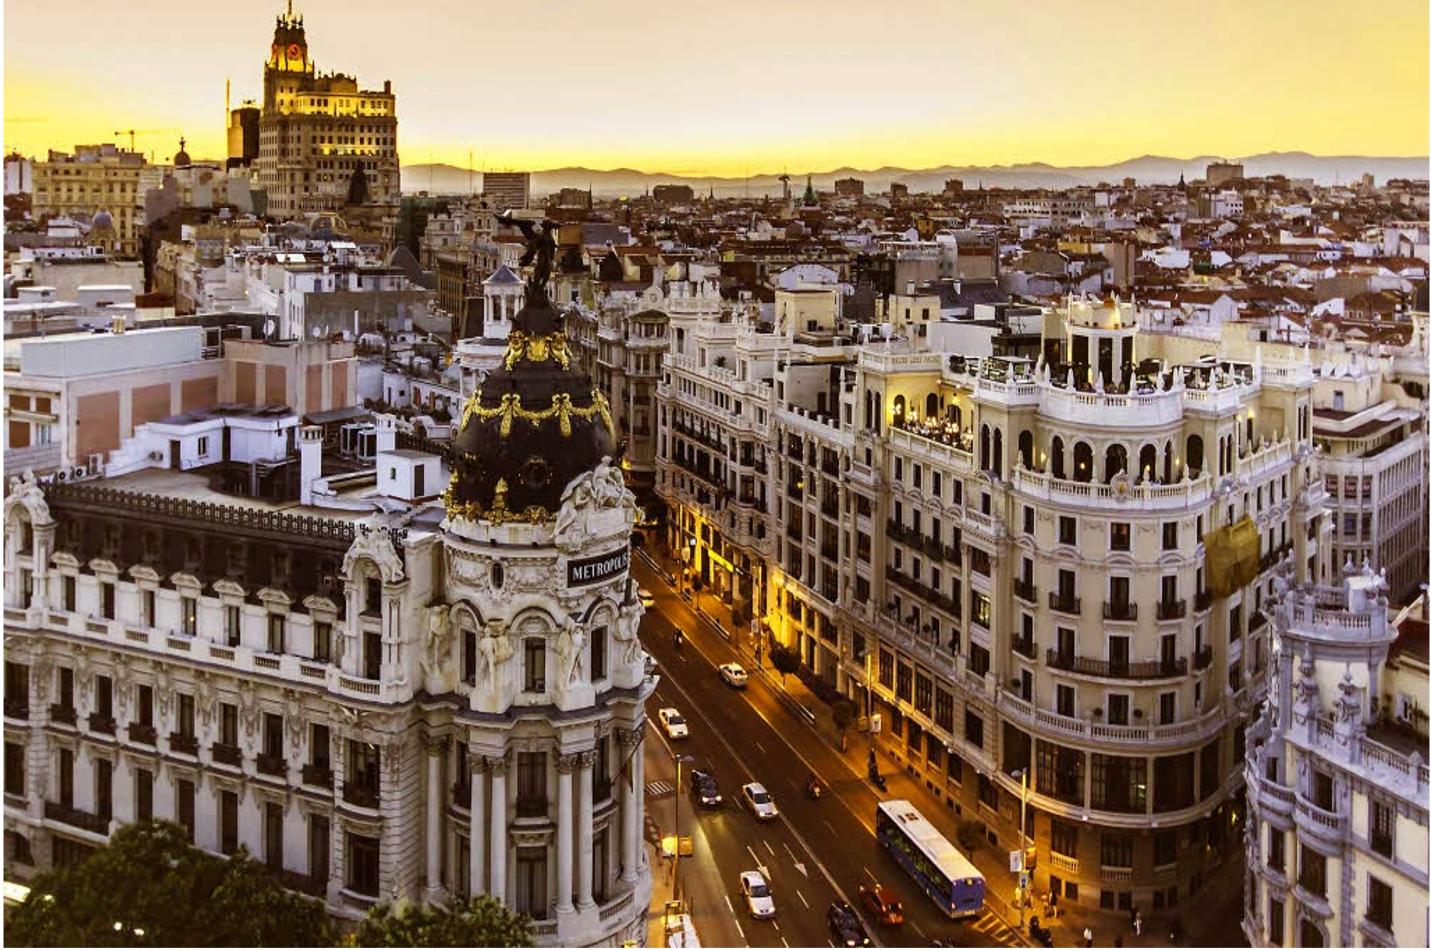 Madrid - CC flickr.com - heyper